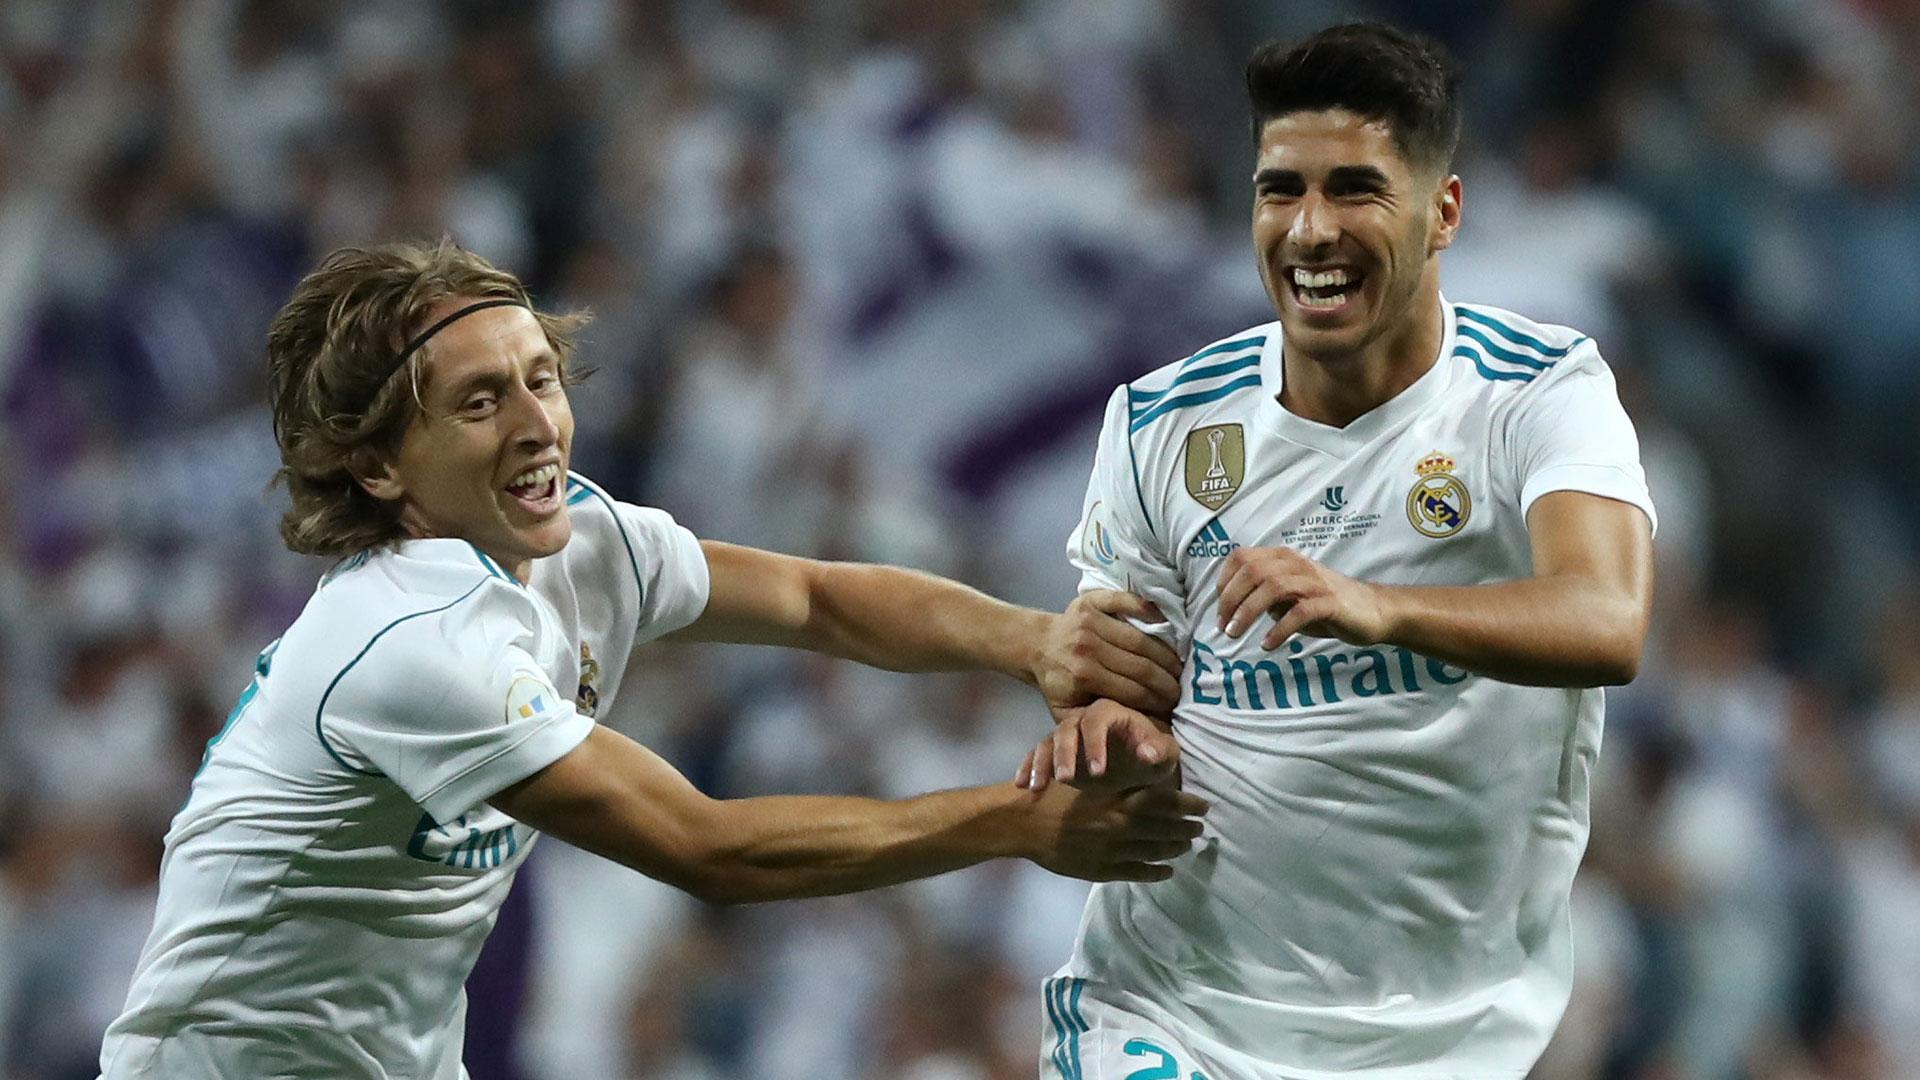 Real Madrid venció 2 a 0 al Barcelona y se consagró campeón de la Supercopa de España